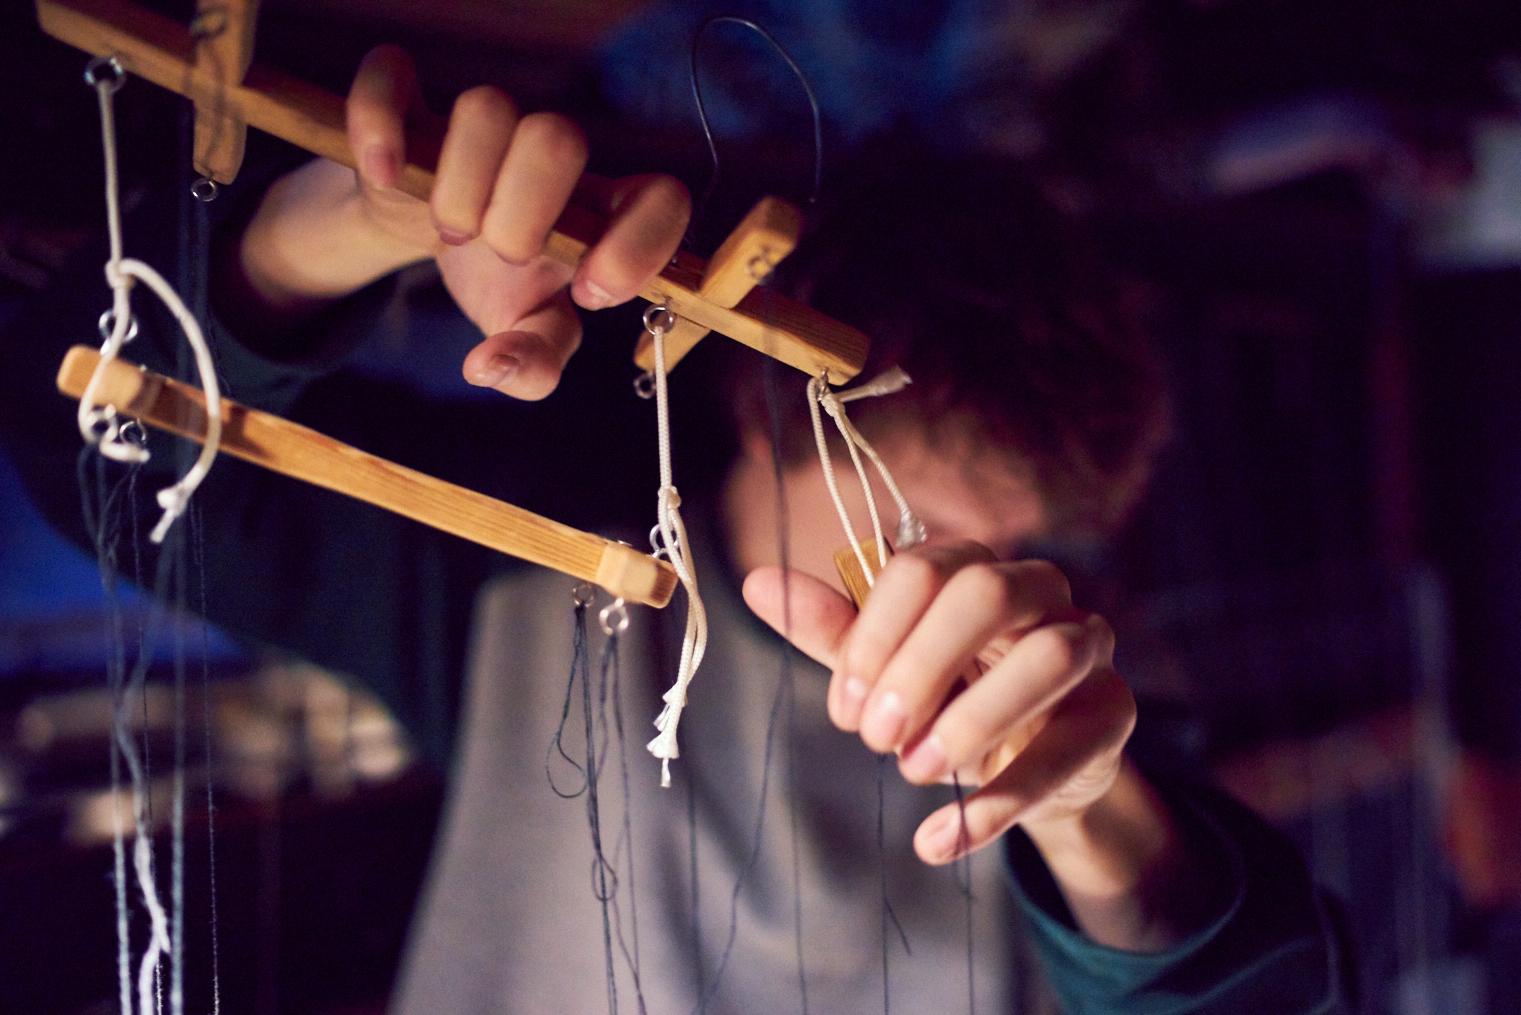 puppeteers_012.jpg